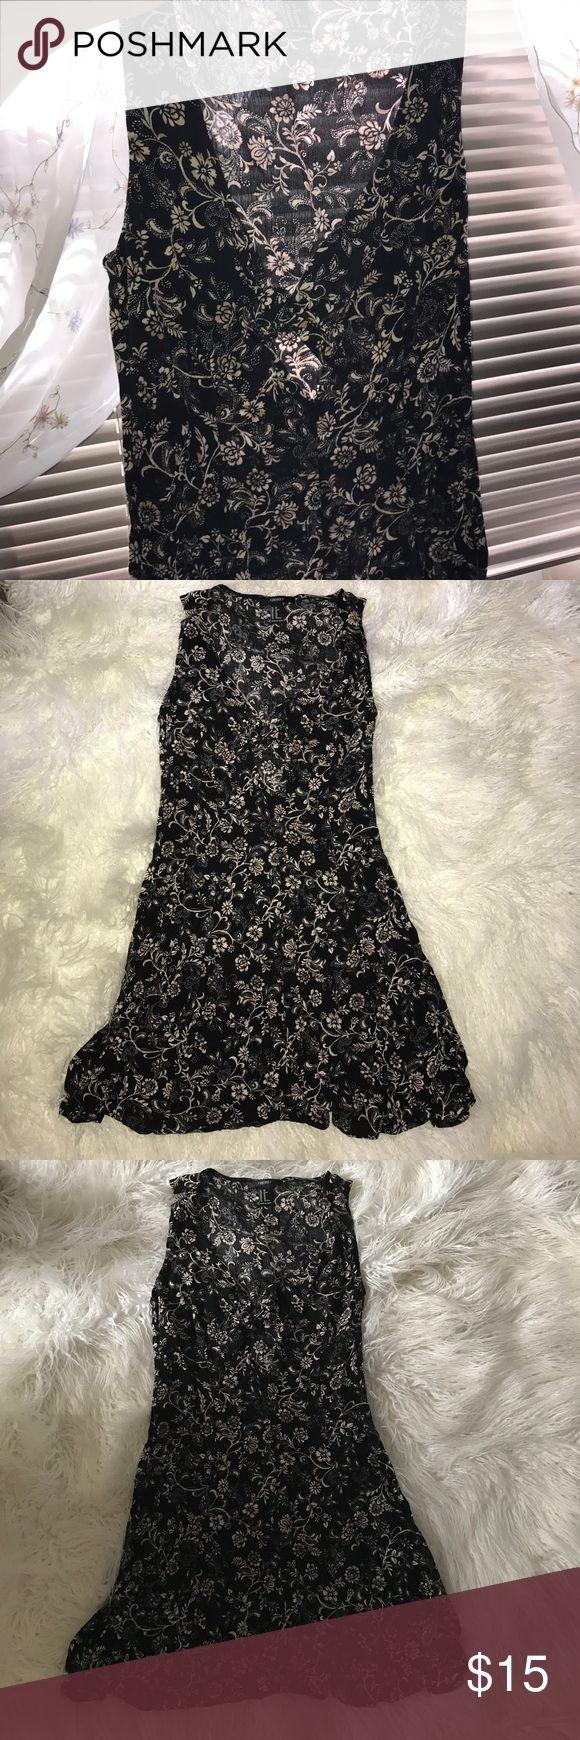 Forever 21 xs flowy summer dress Never worn Forever 21 Dresses